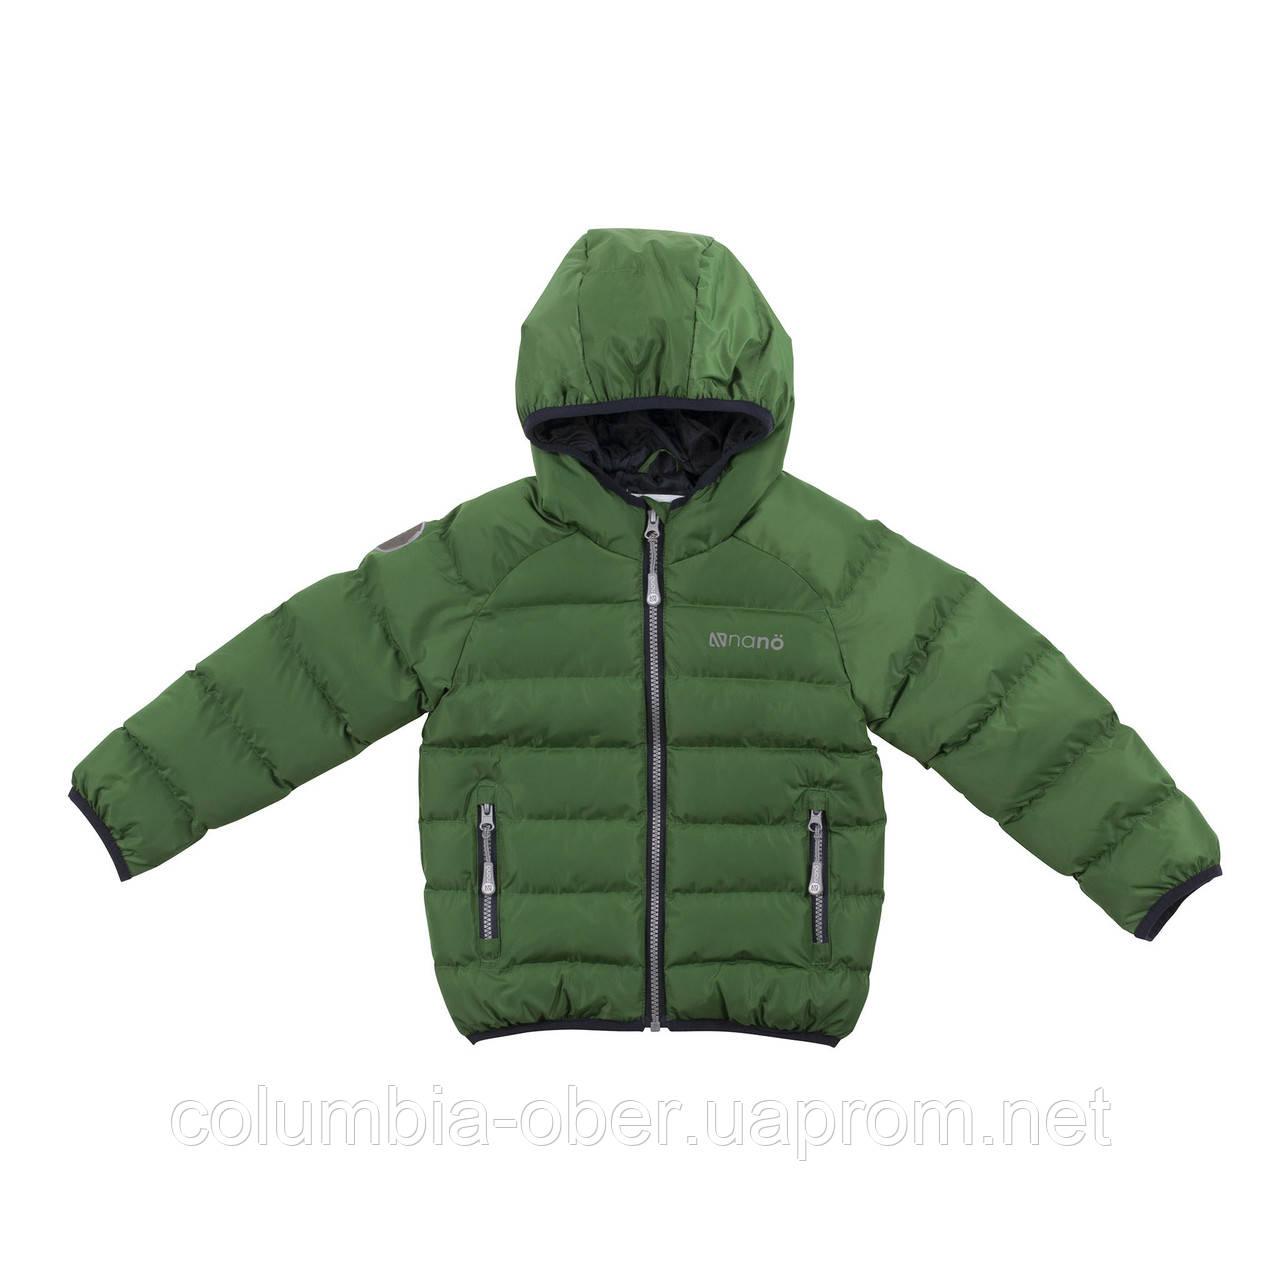 Демисезонная куртка для мальчика NANO F18 M 1251 Mystic Green. Размеры 2-14.